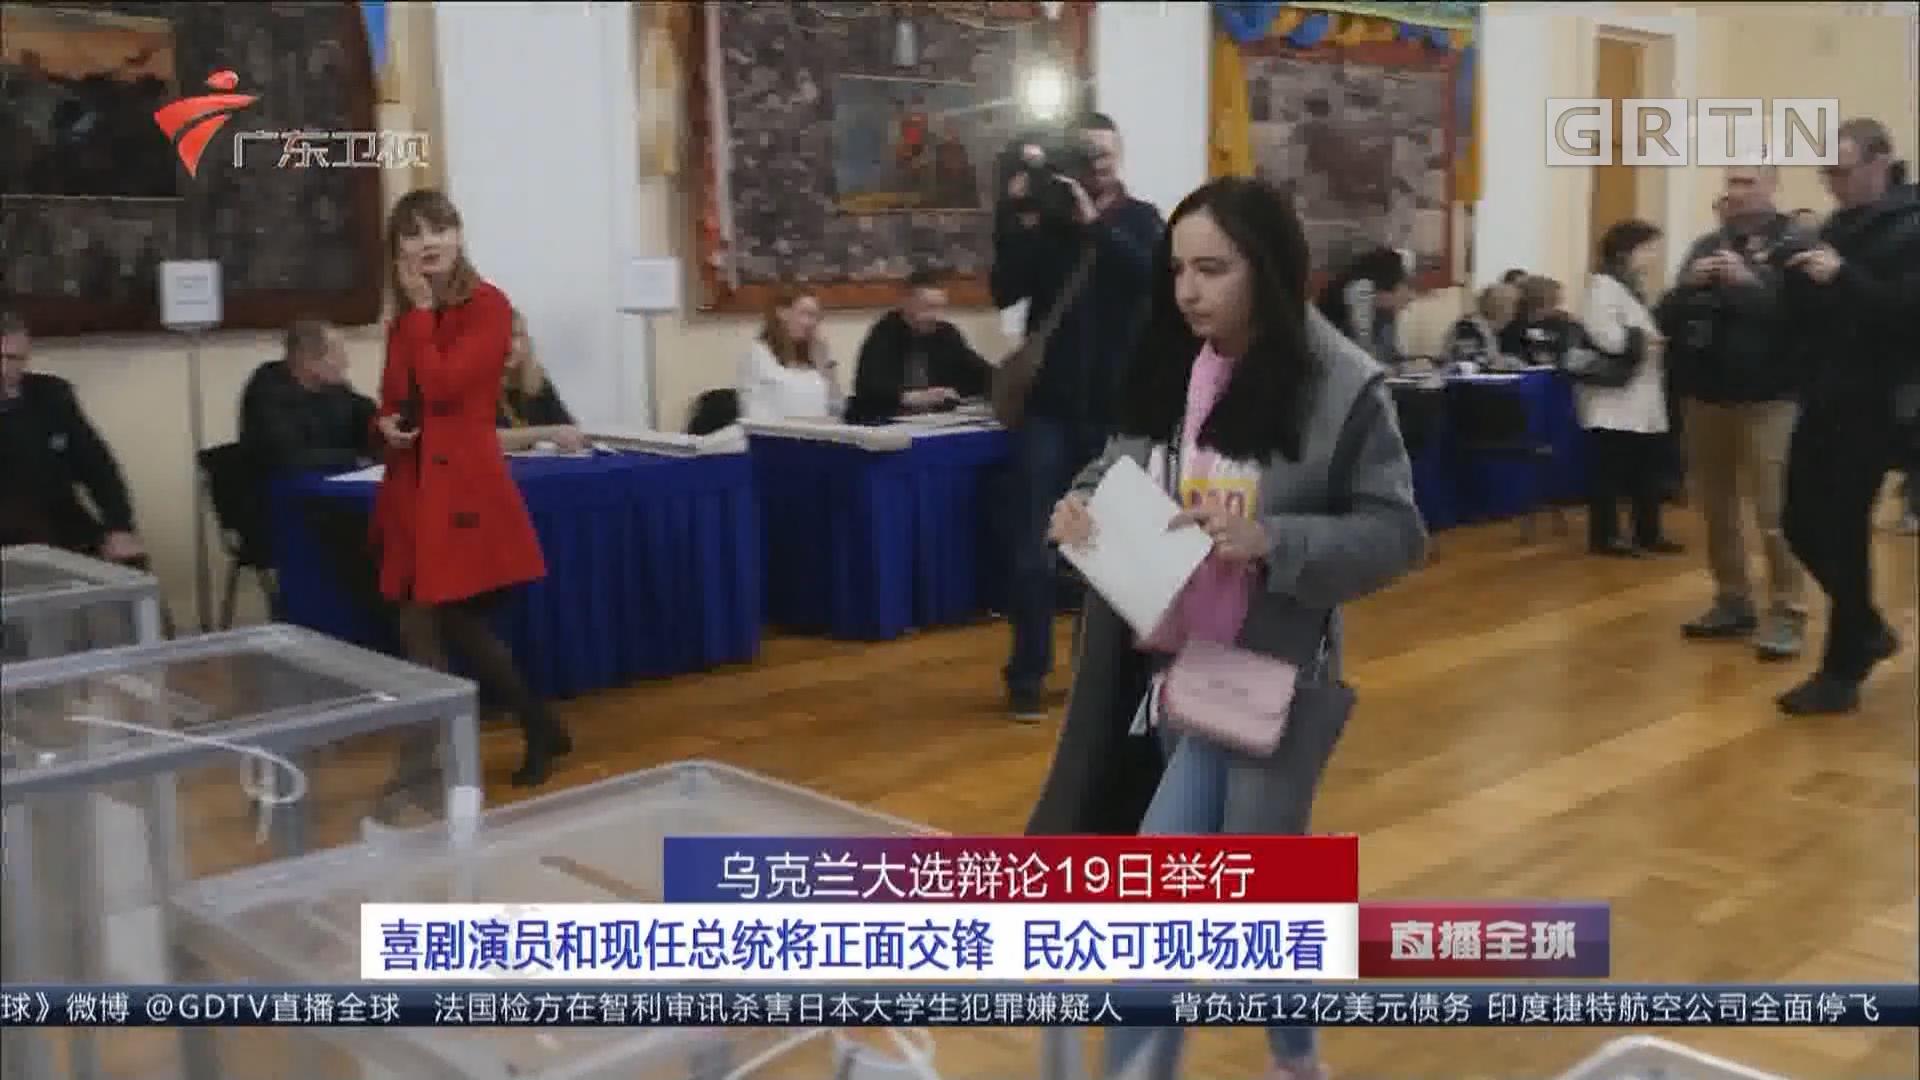 乌克兰大选辩论19日举行 喜剧演员和现任总统将正面交锋 民众可现场观看